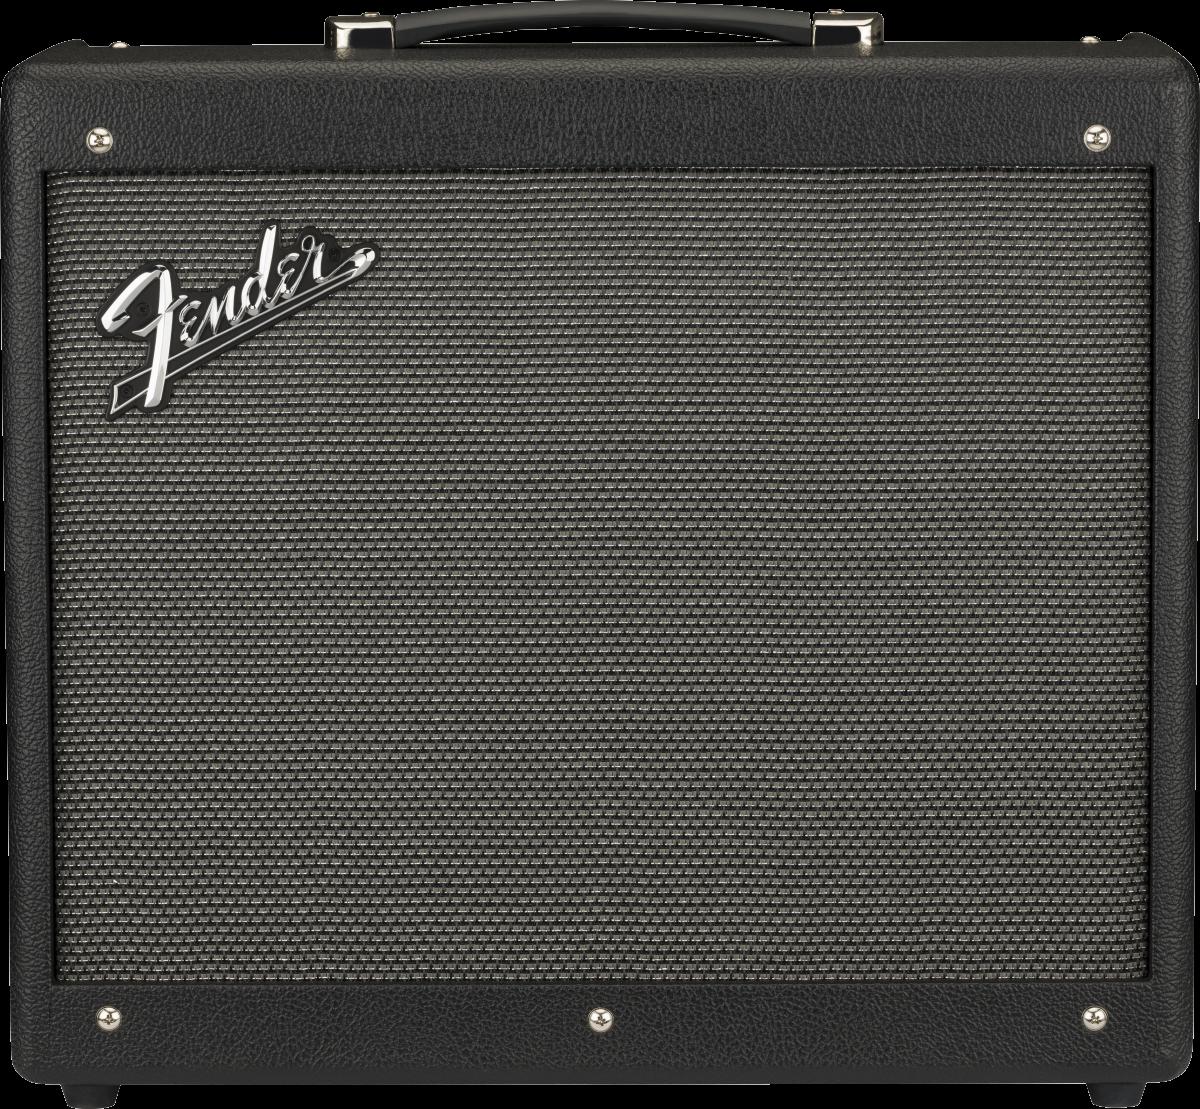 Fender Mustang GTX50 120V